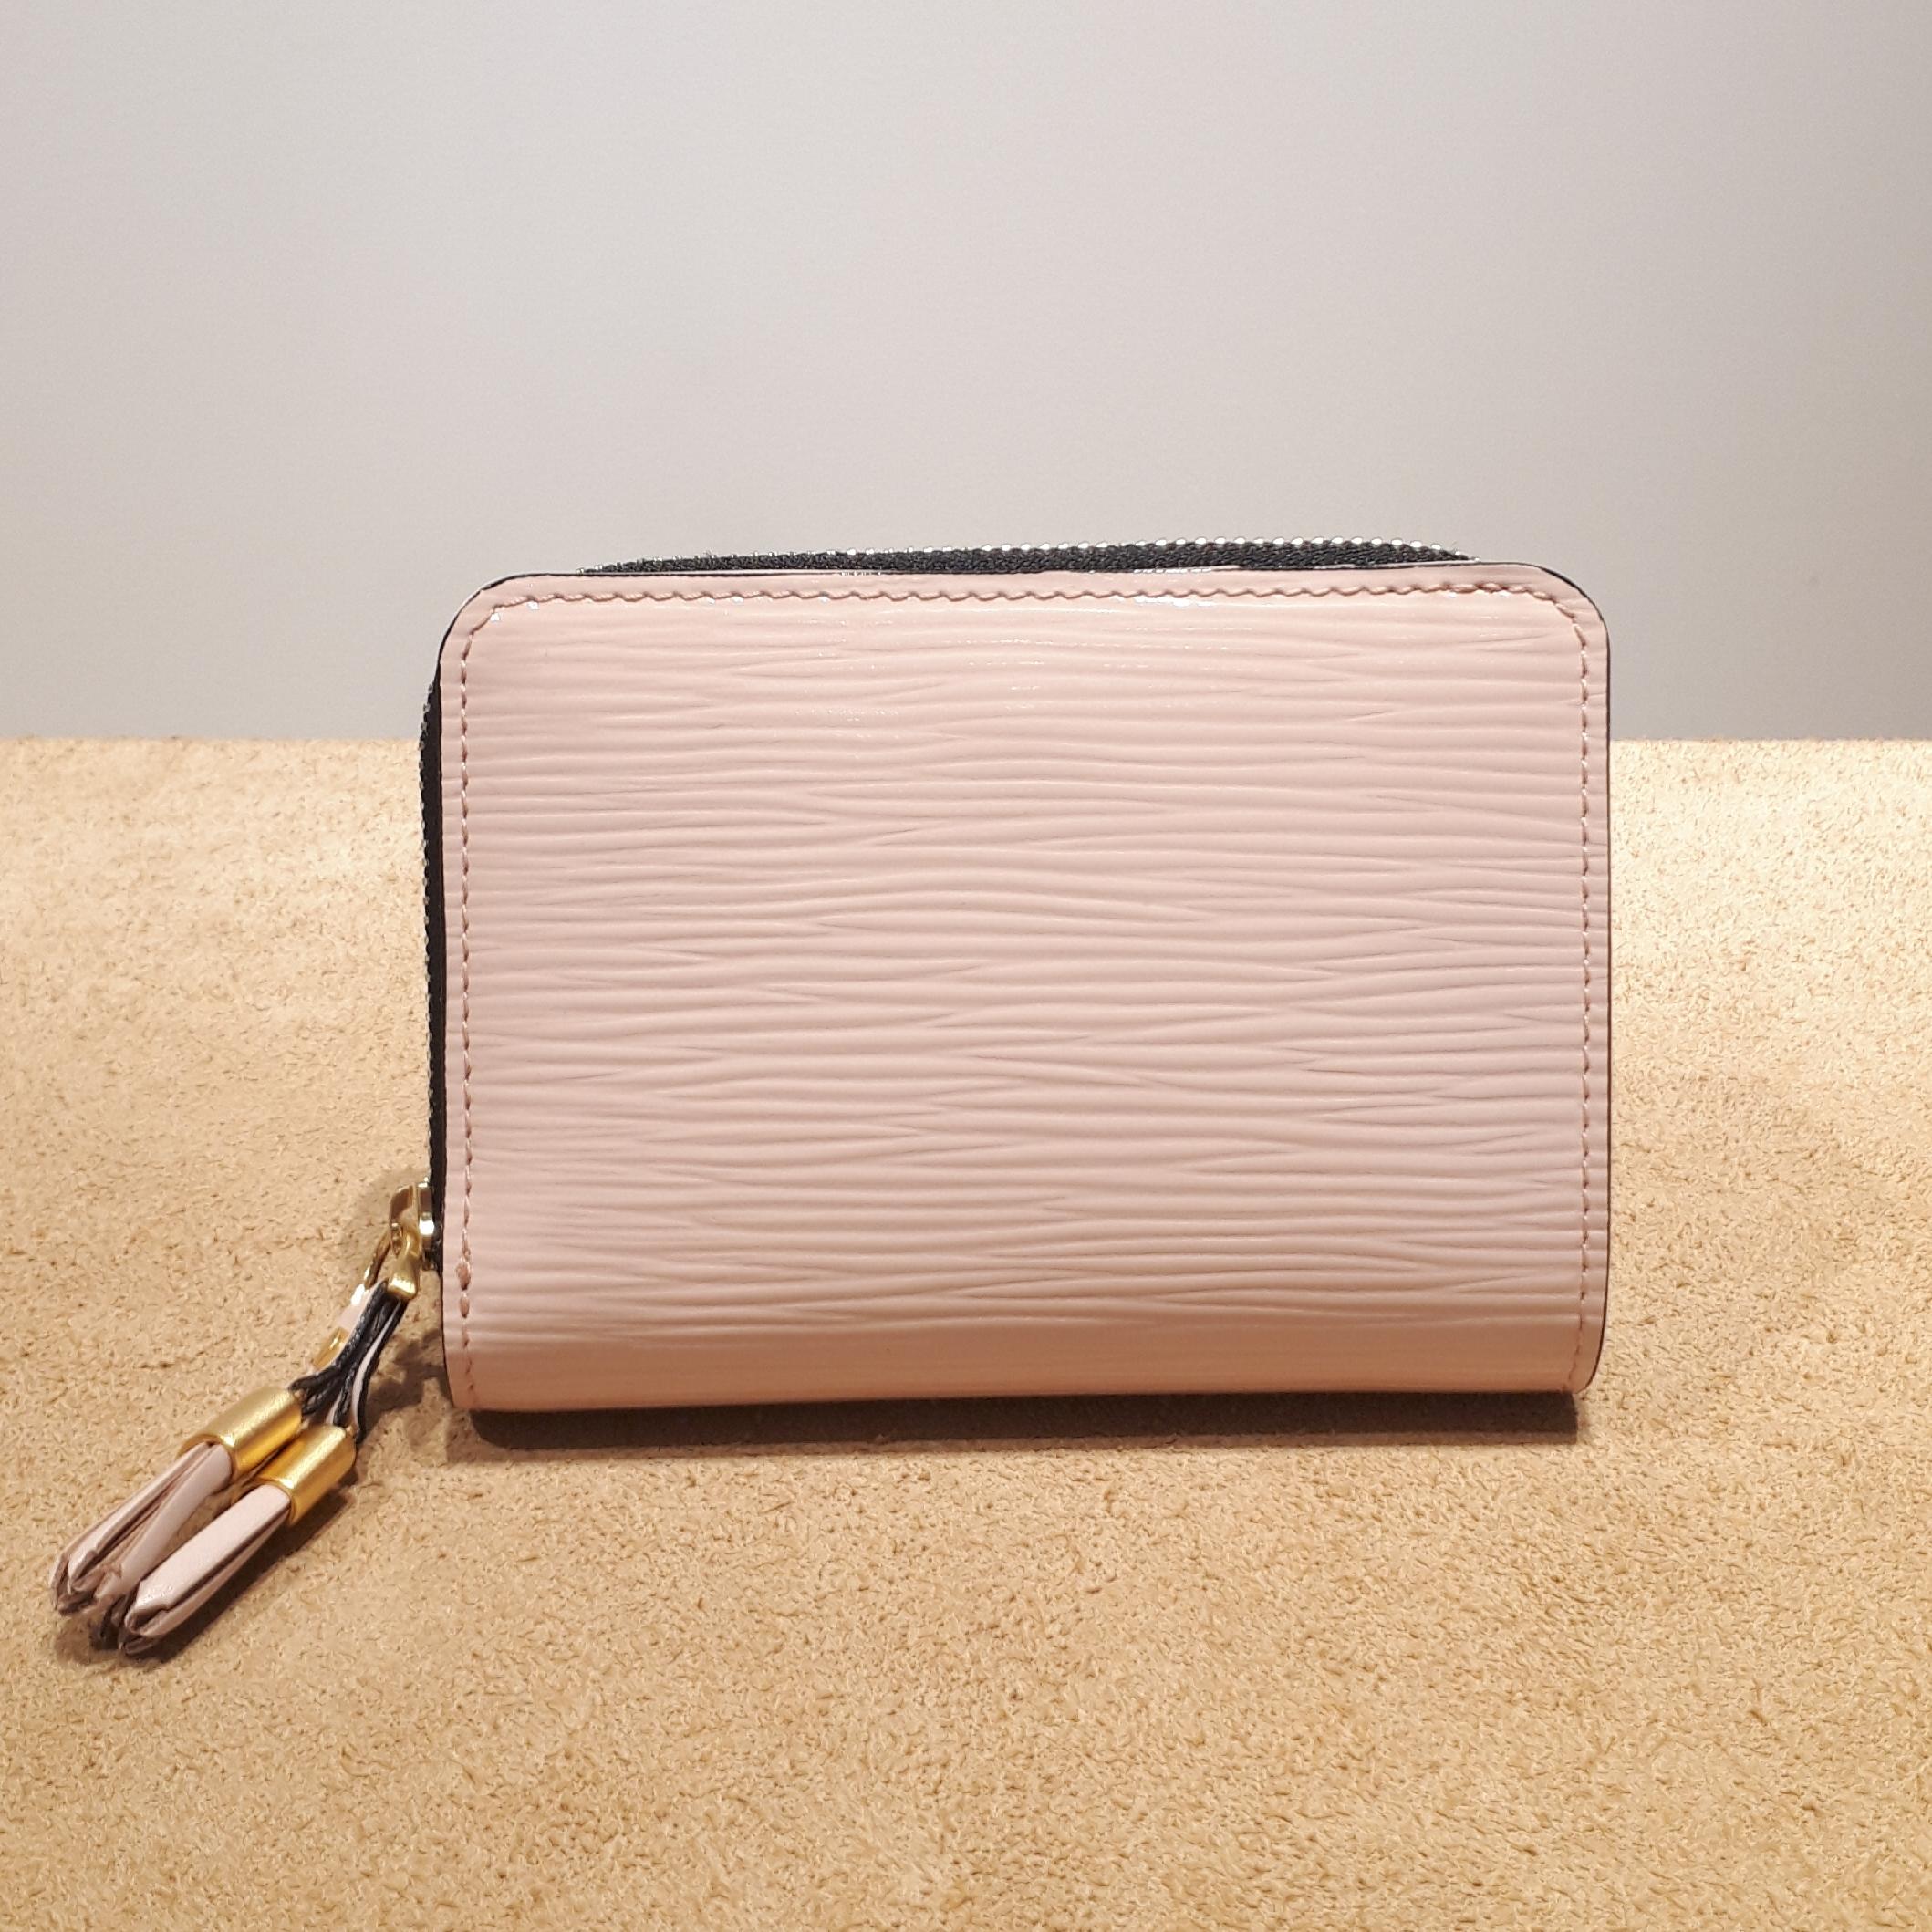 ファスナータイプの二つ折り財布